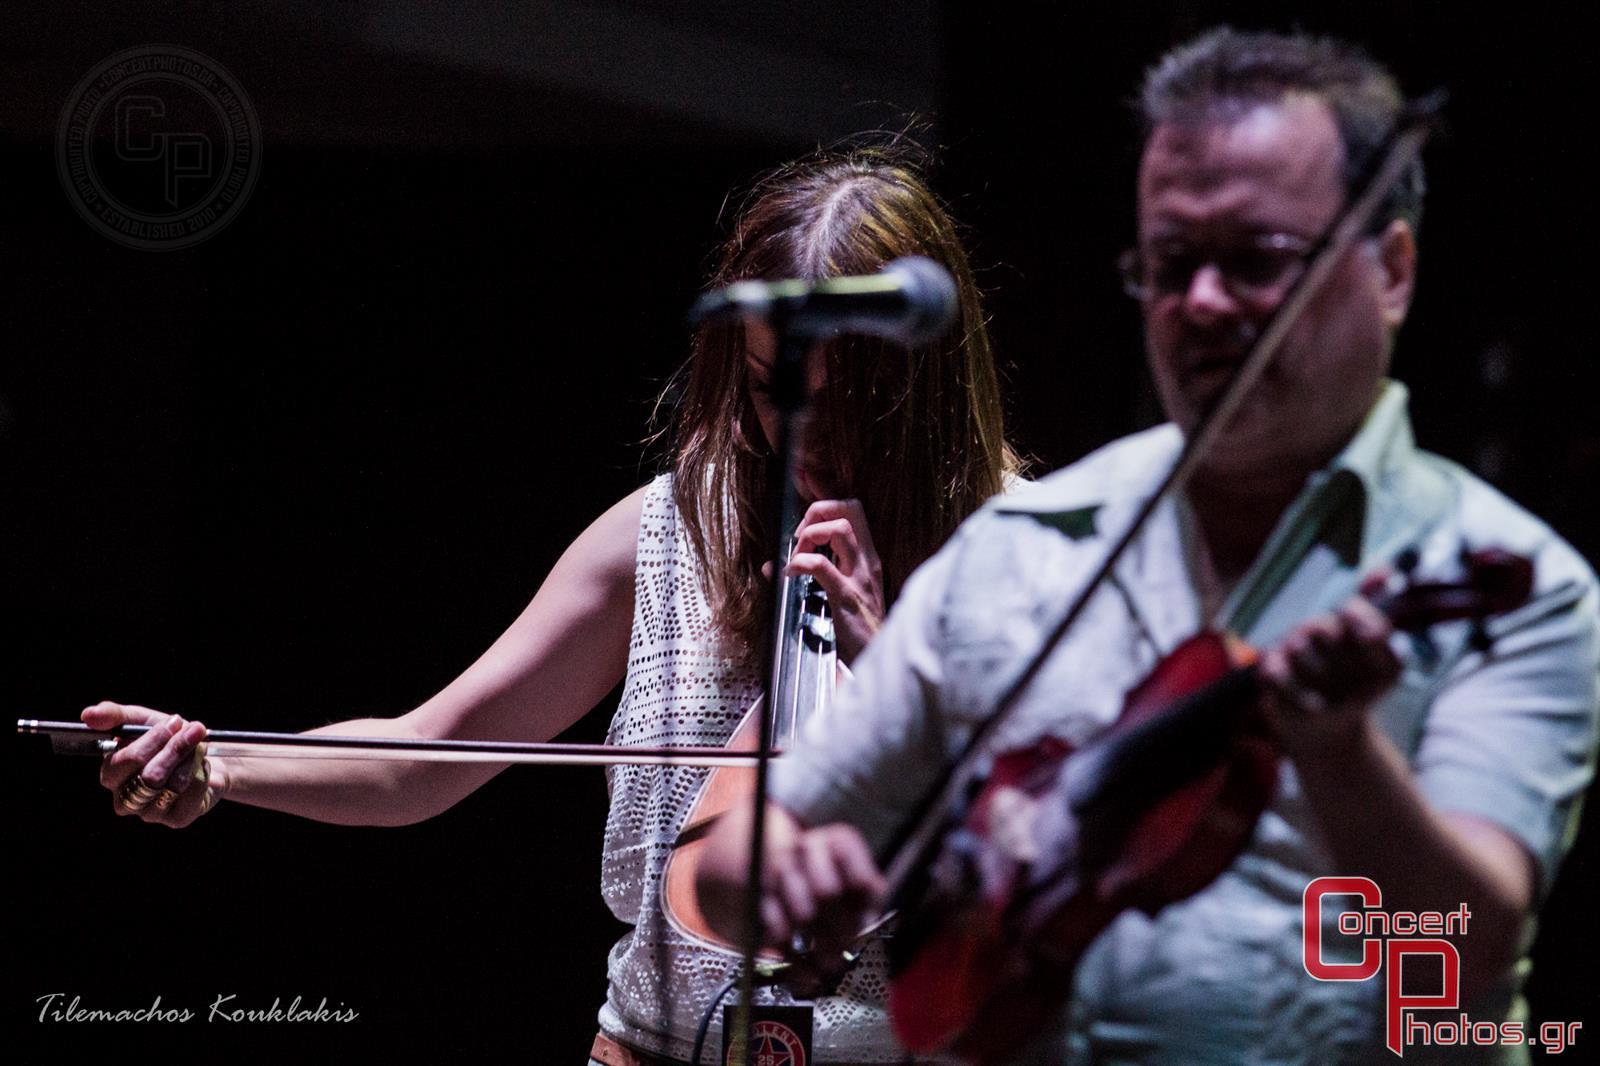 Violent Femmes-Violent Femmes photographer:  - concertphotos_20140619_00_43_55-3